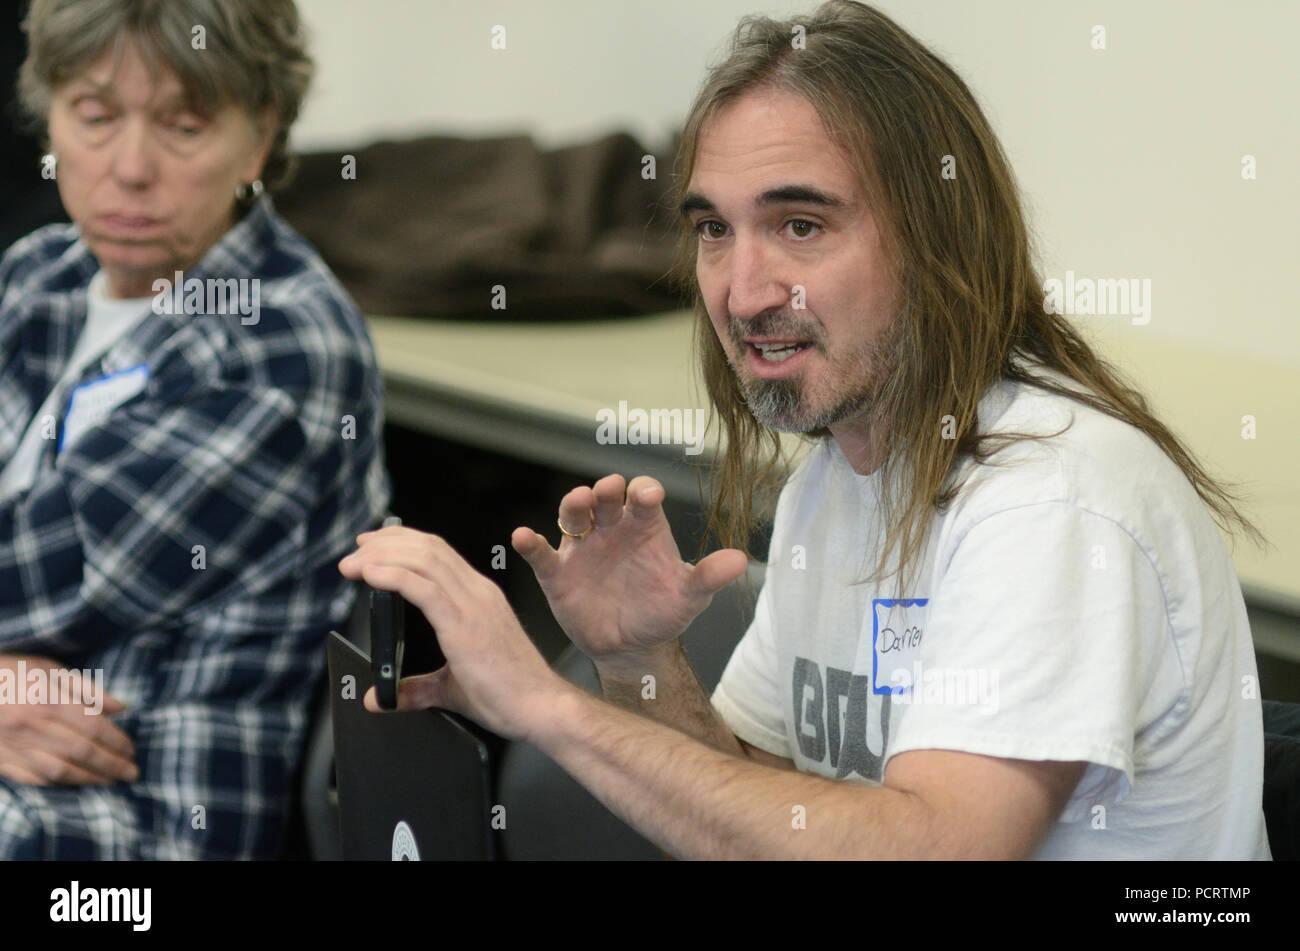 Darren O'Connor es un defensor de las personas sin hogar en Boulder. Aquí él gestos mientras realiza un punto durante un 'Chat' con el Consejo reunido en Boulder. Imagen De Stock